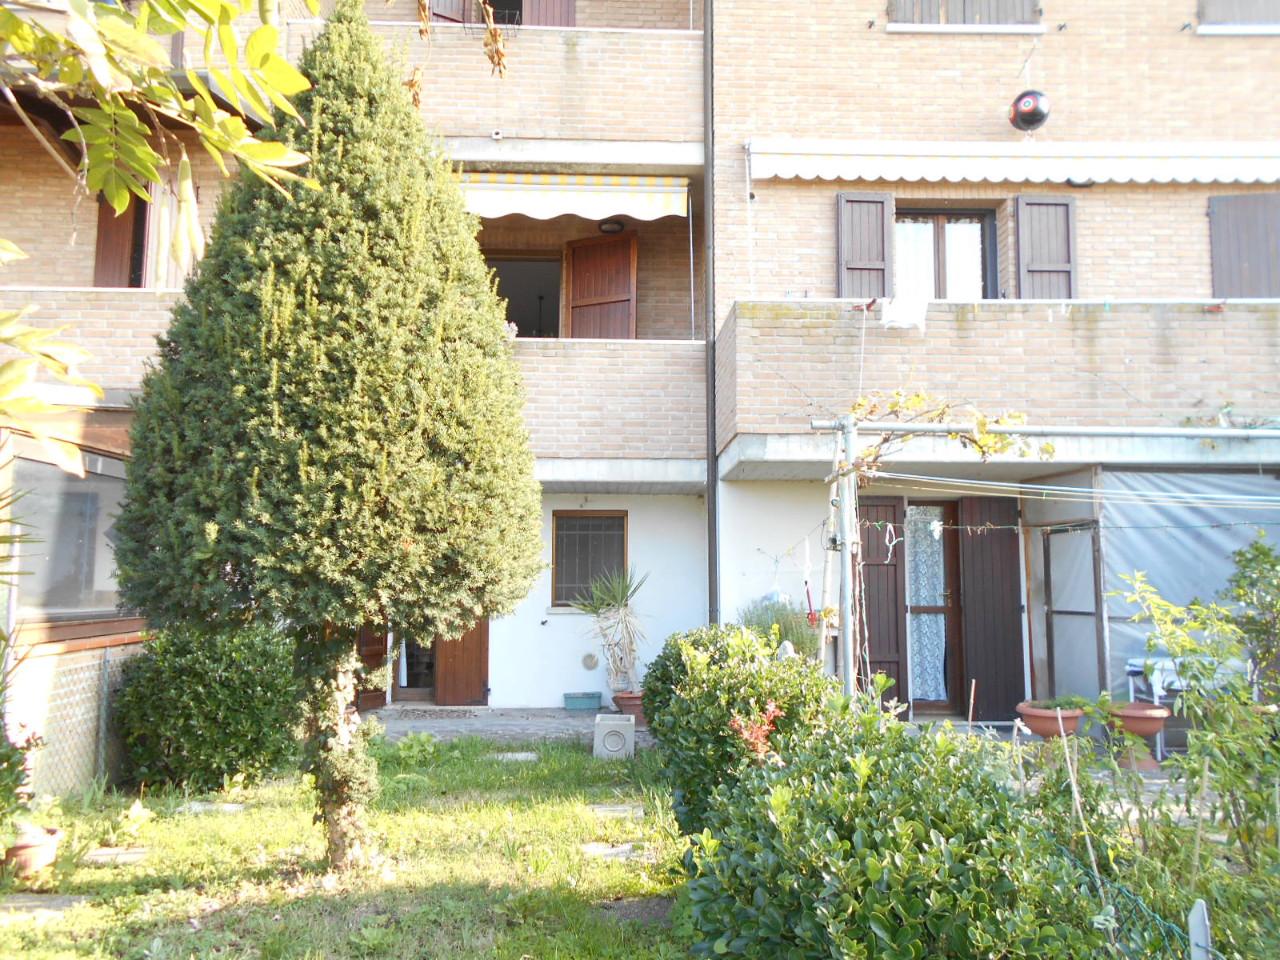 Villetta in vendita Ferrara Zona Fuori Mura